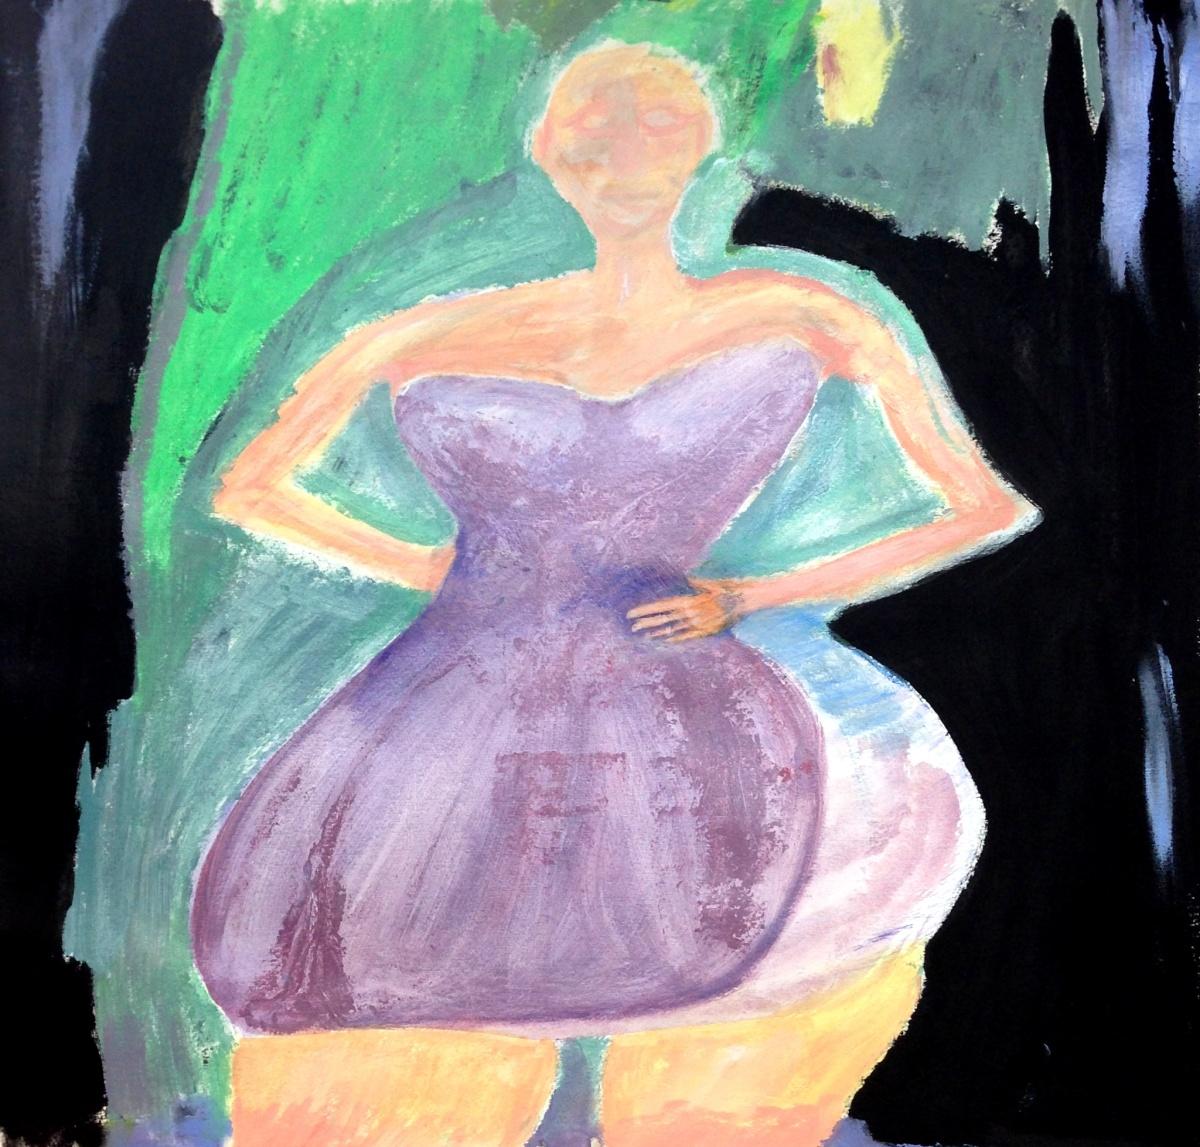 André Clouâtre, La robe mauve, Acrylique sur papier, 61x 61cm, (24' x 24''), 2014